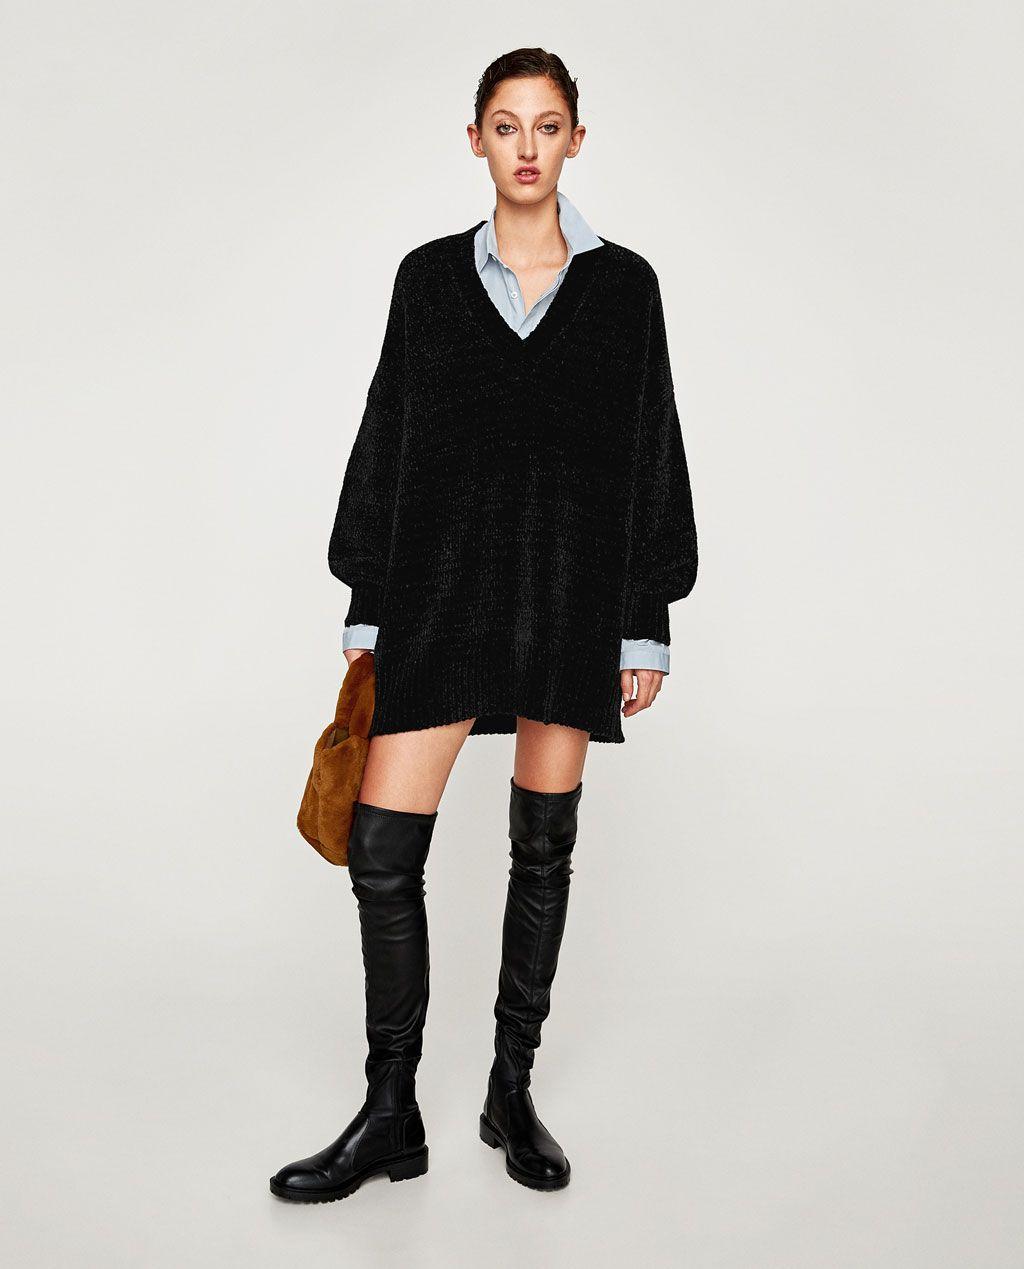 cba0b4d2 CHENILLE DRESS-Dresses-KNITWEAR-WOMAN   ZARA United States   wish ...